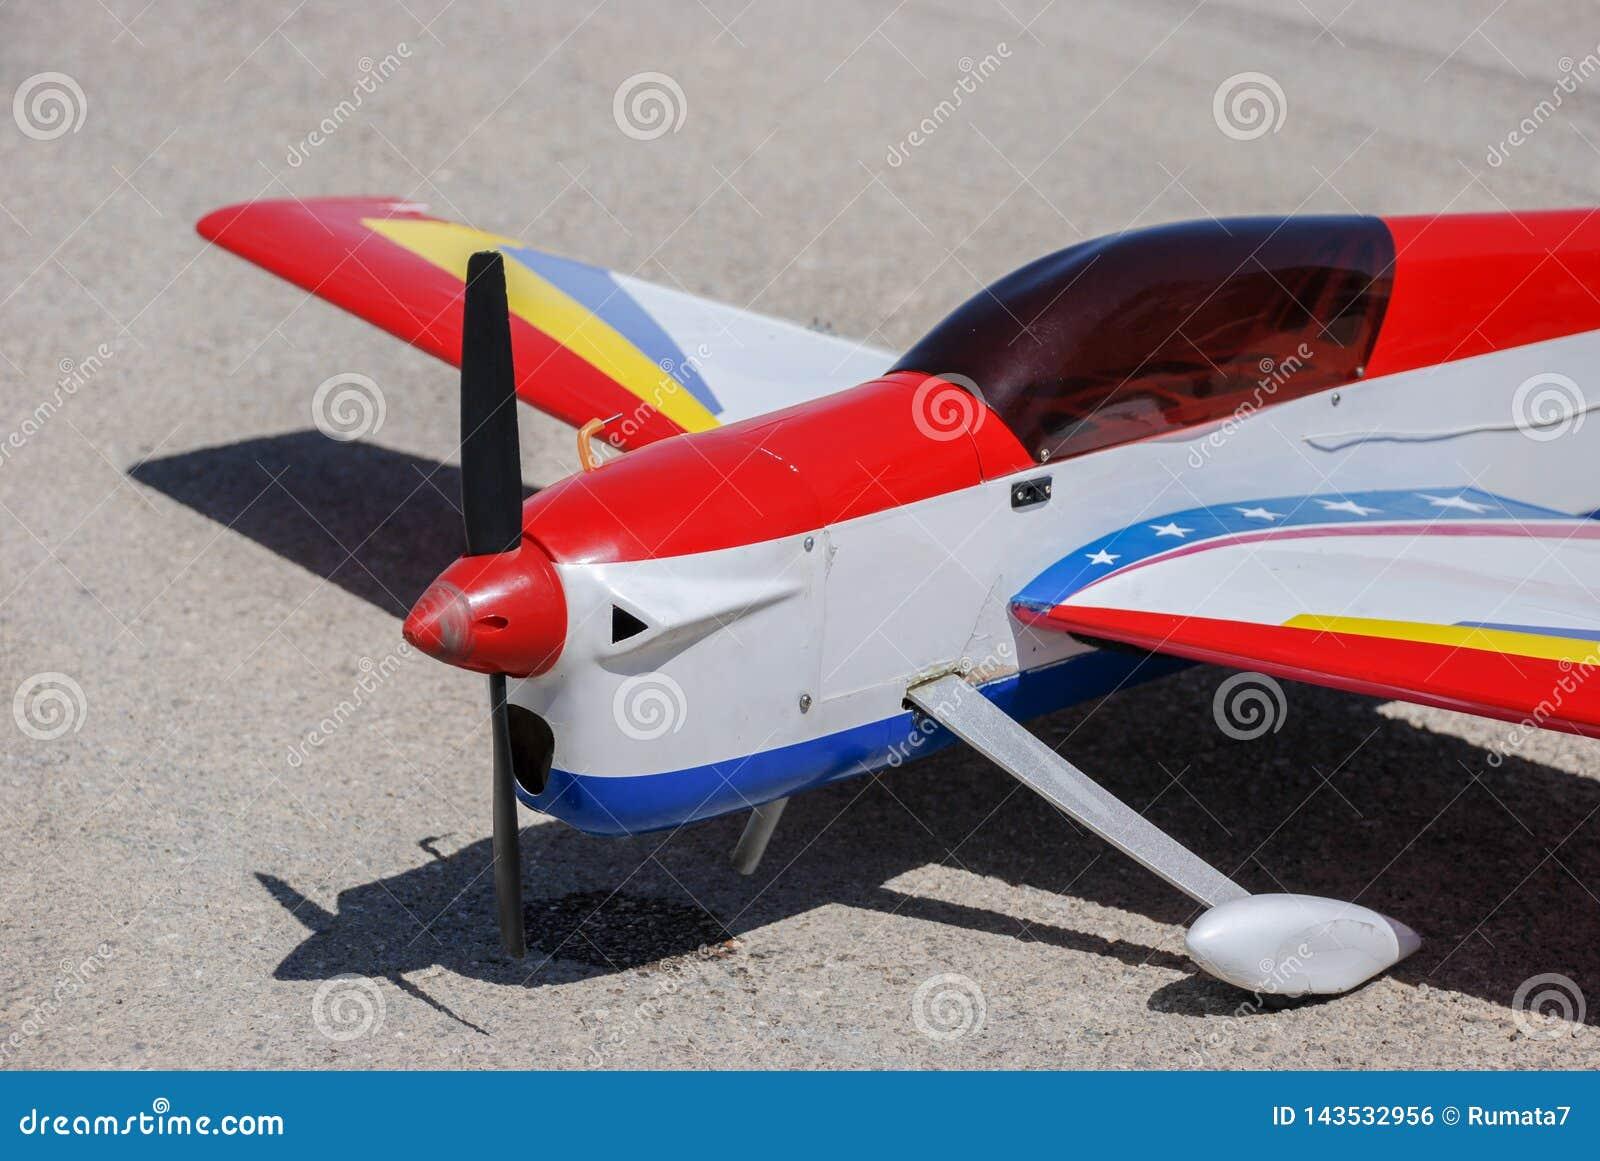 Länder för RC-modellflygplan på asfalt